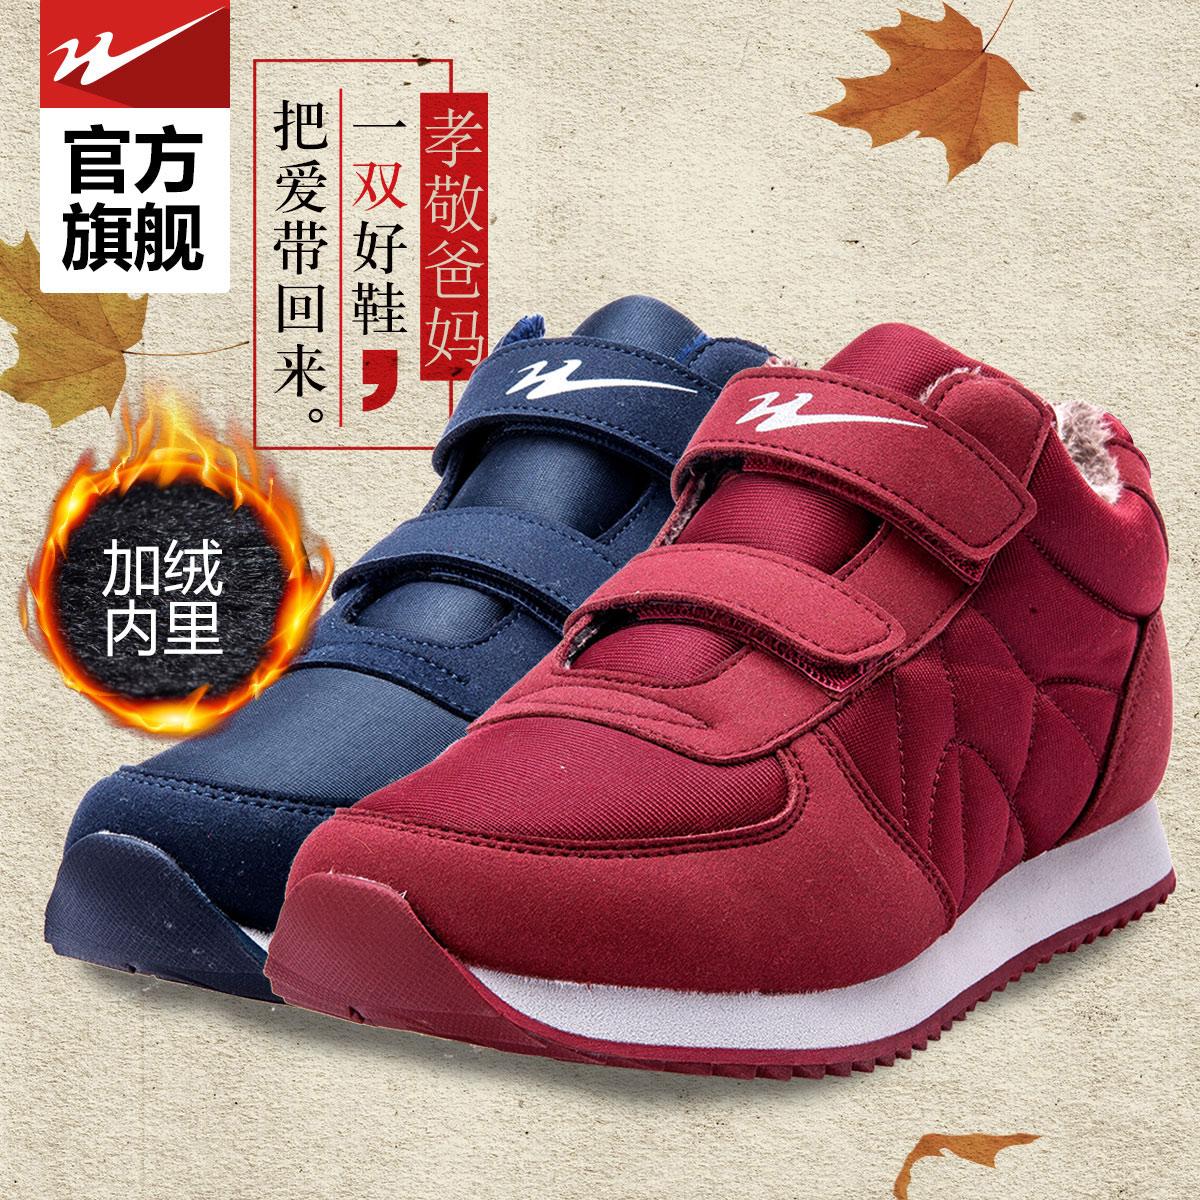 双星老年健步鞋八加绒超保暖棉鞋中老年运动鞋高帮防滑老人鞋冬季